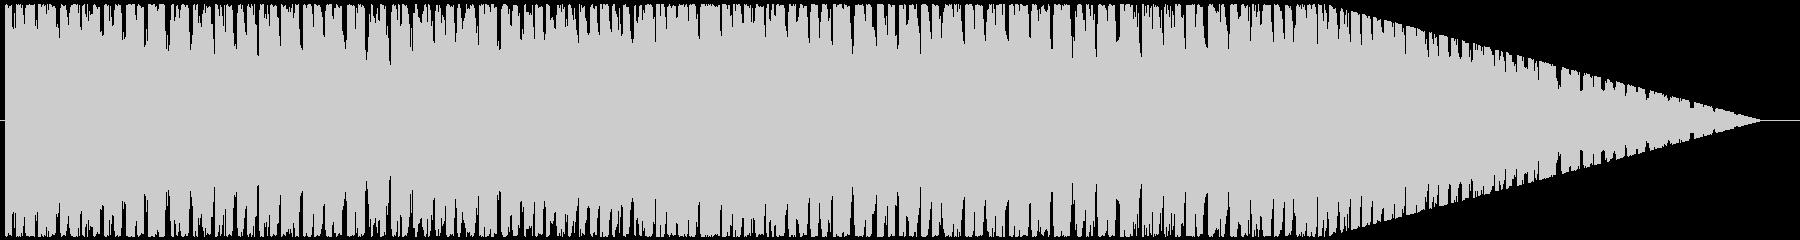 ジングル - ダサい曲の未再生の波形